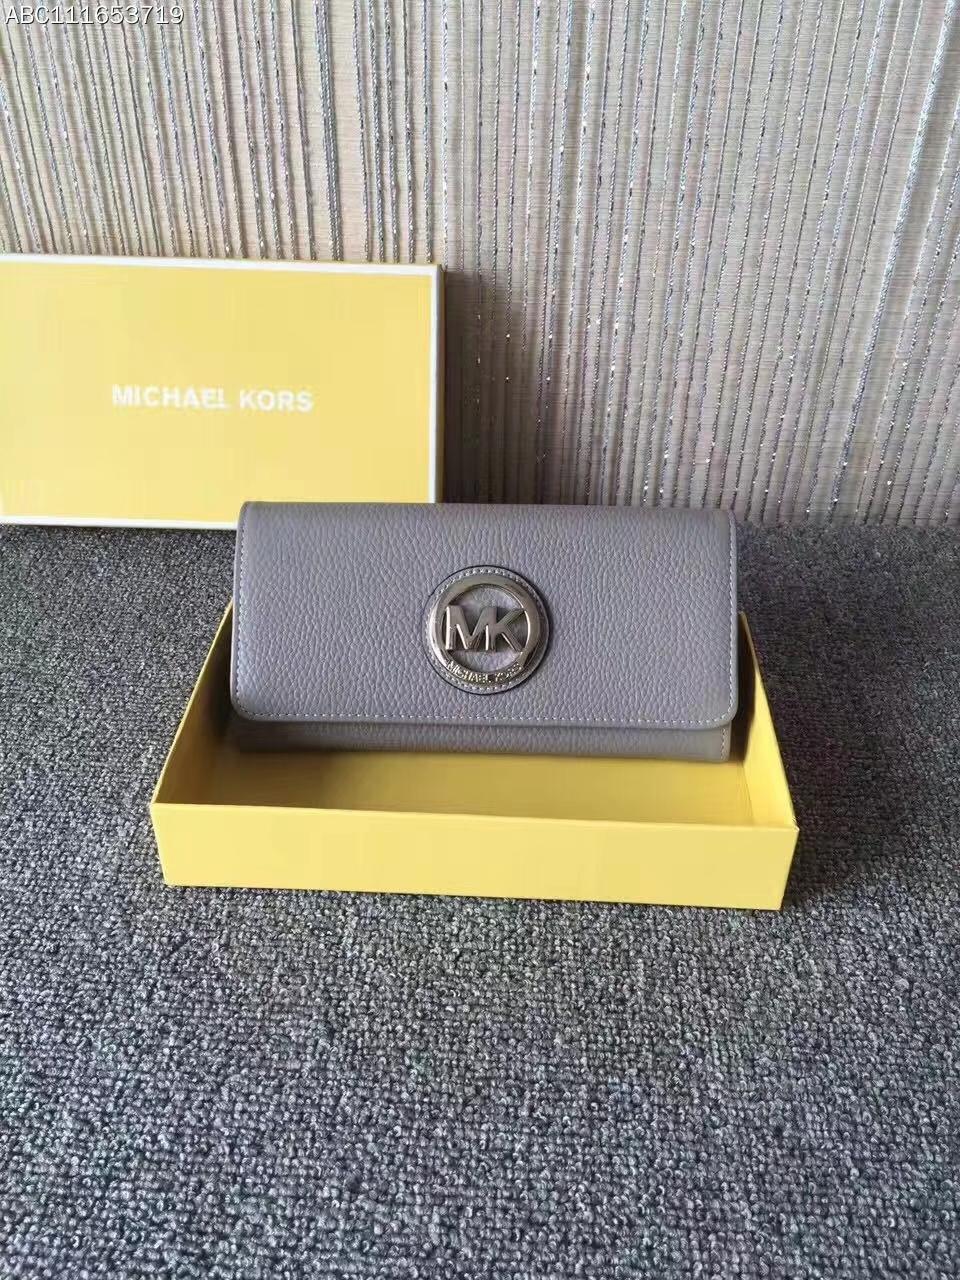 MK新款钱夹 迈克高仕大金牌三折吸扣长款钱包手包20cm 灰色